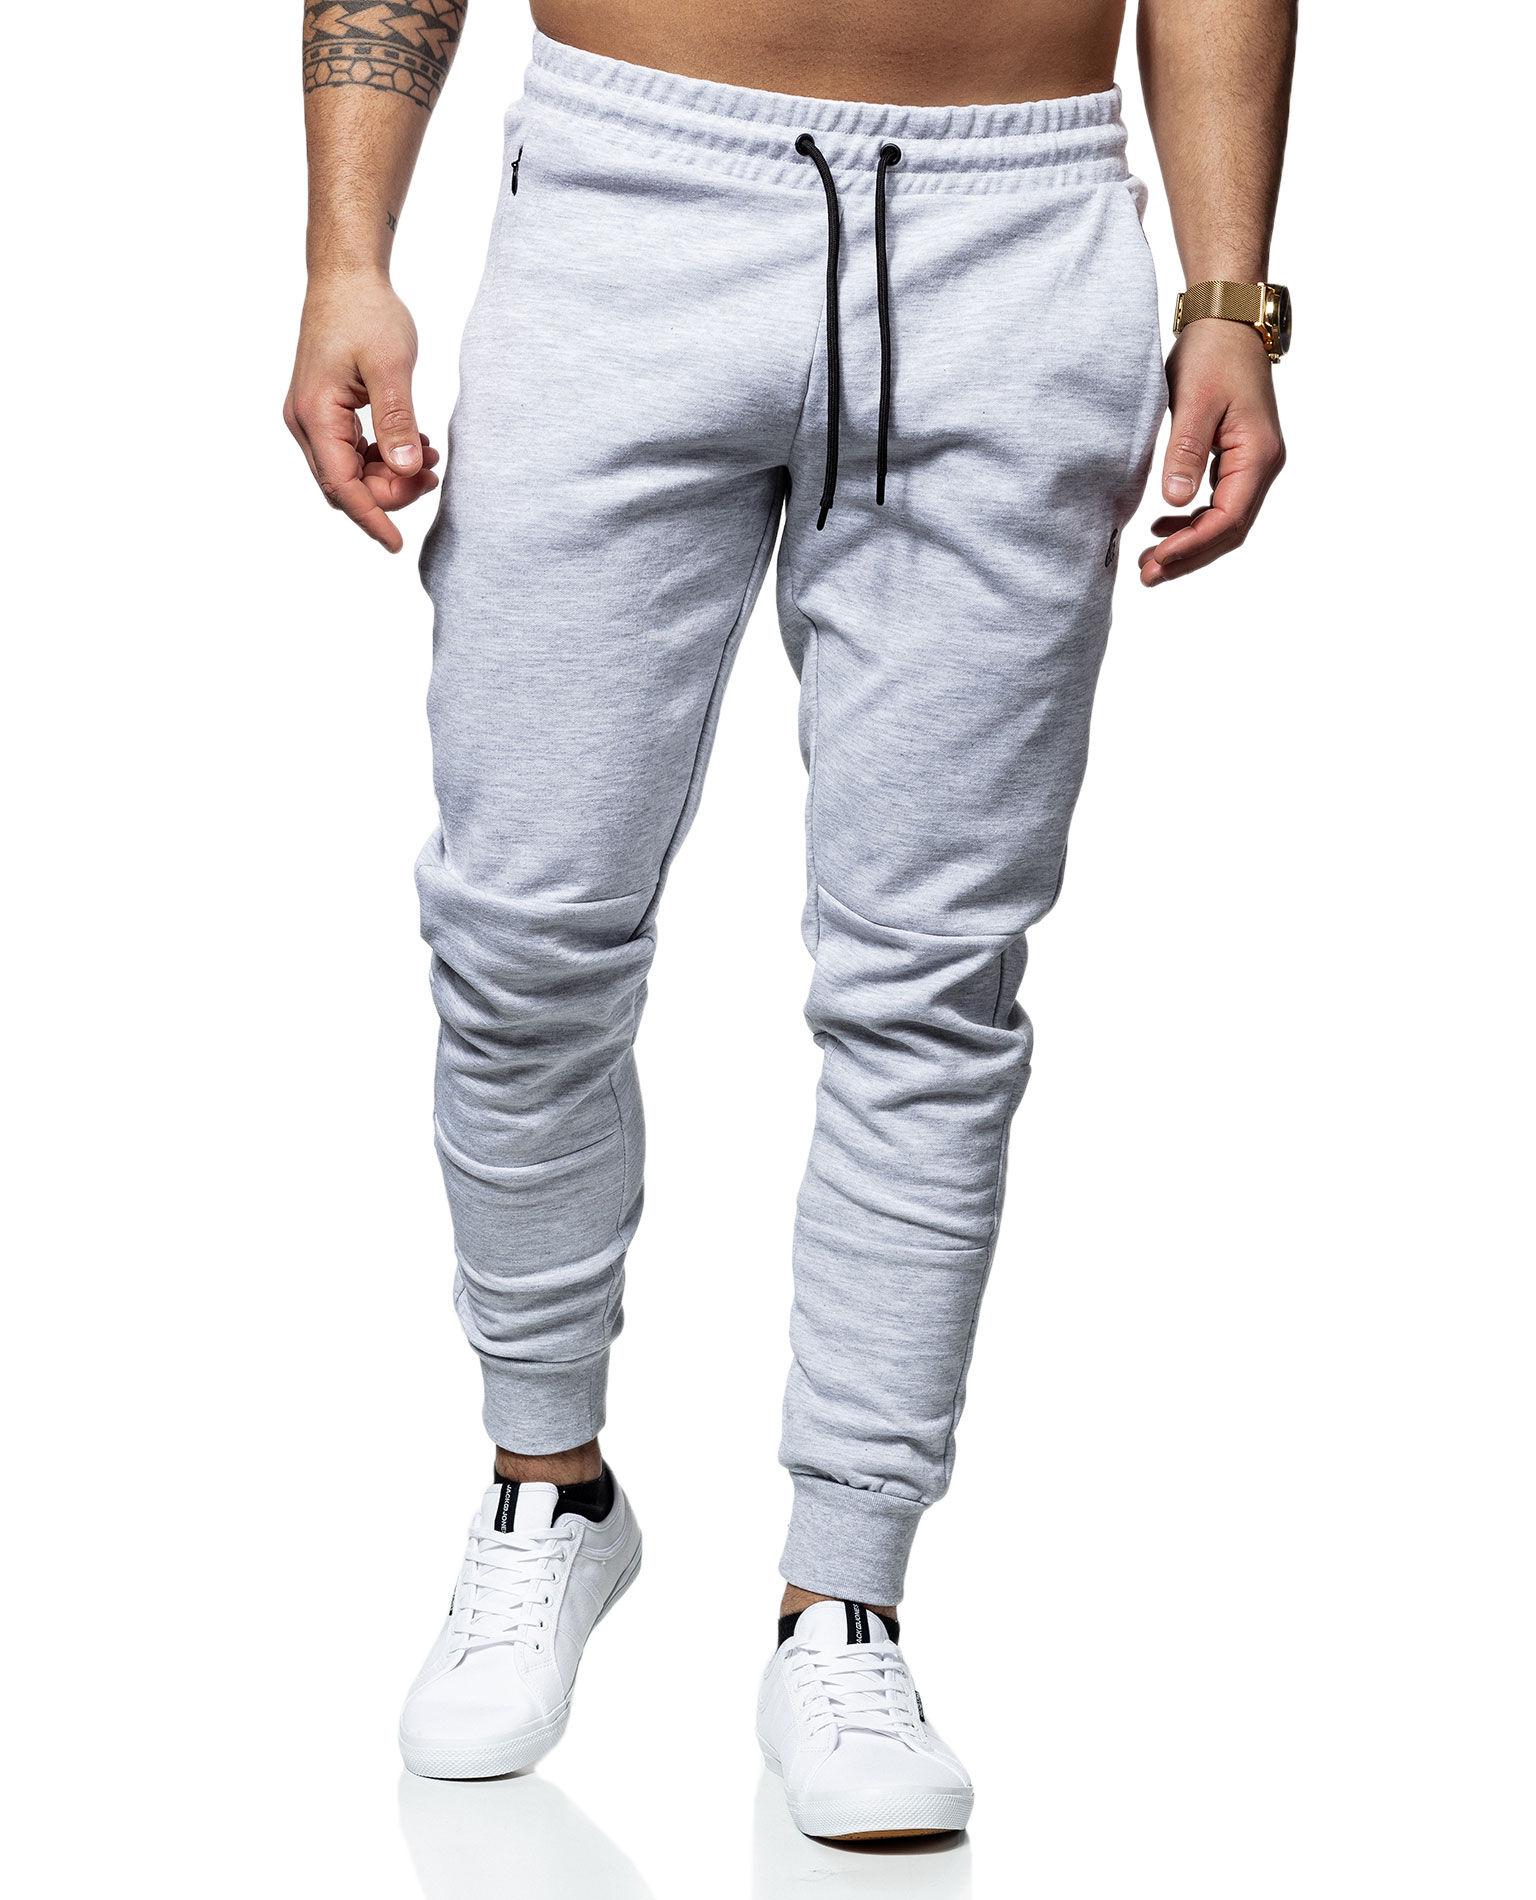 Will Gray Sweat Pants NOS Jack & Jones